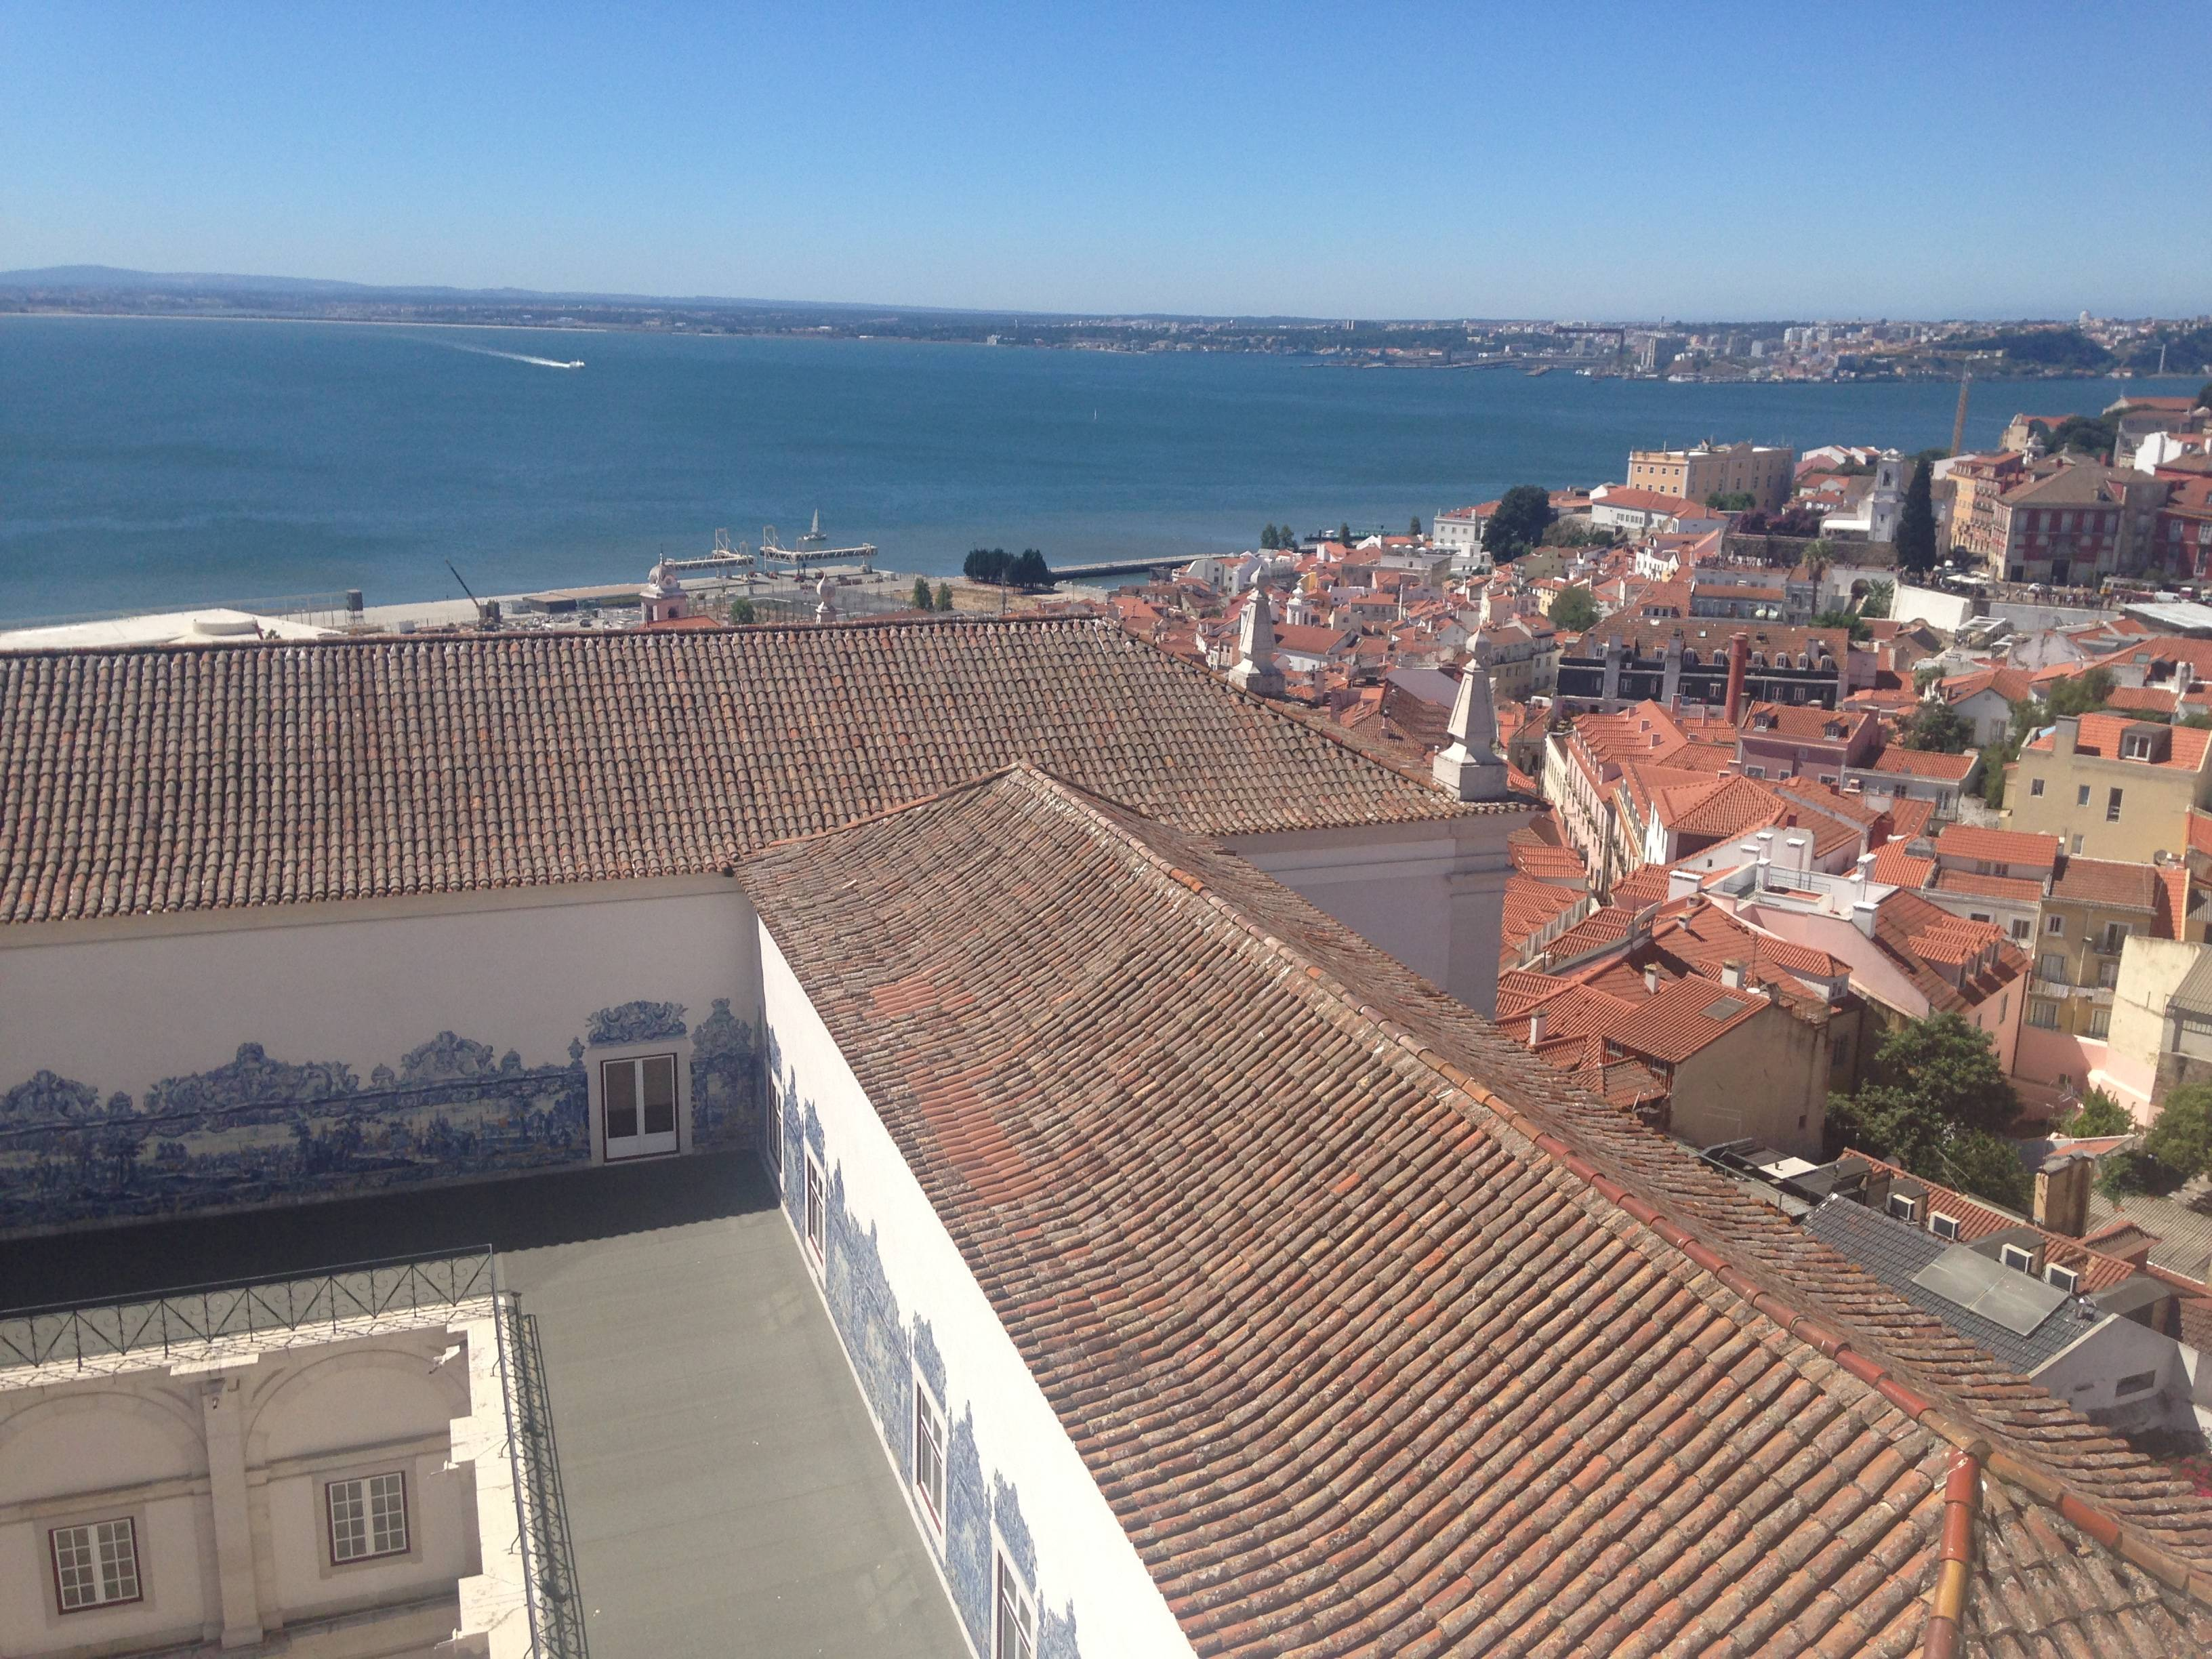 Photo 3: Monter en haut des tours du monastère